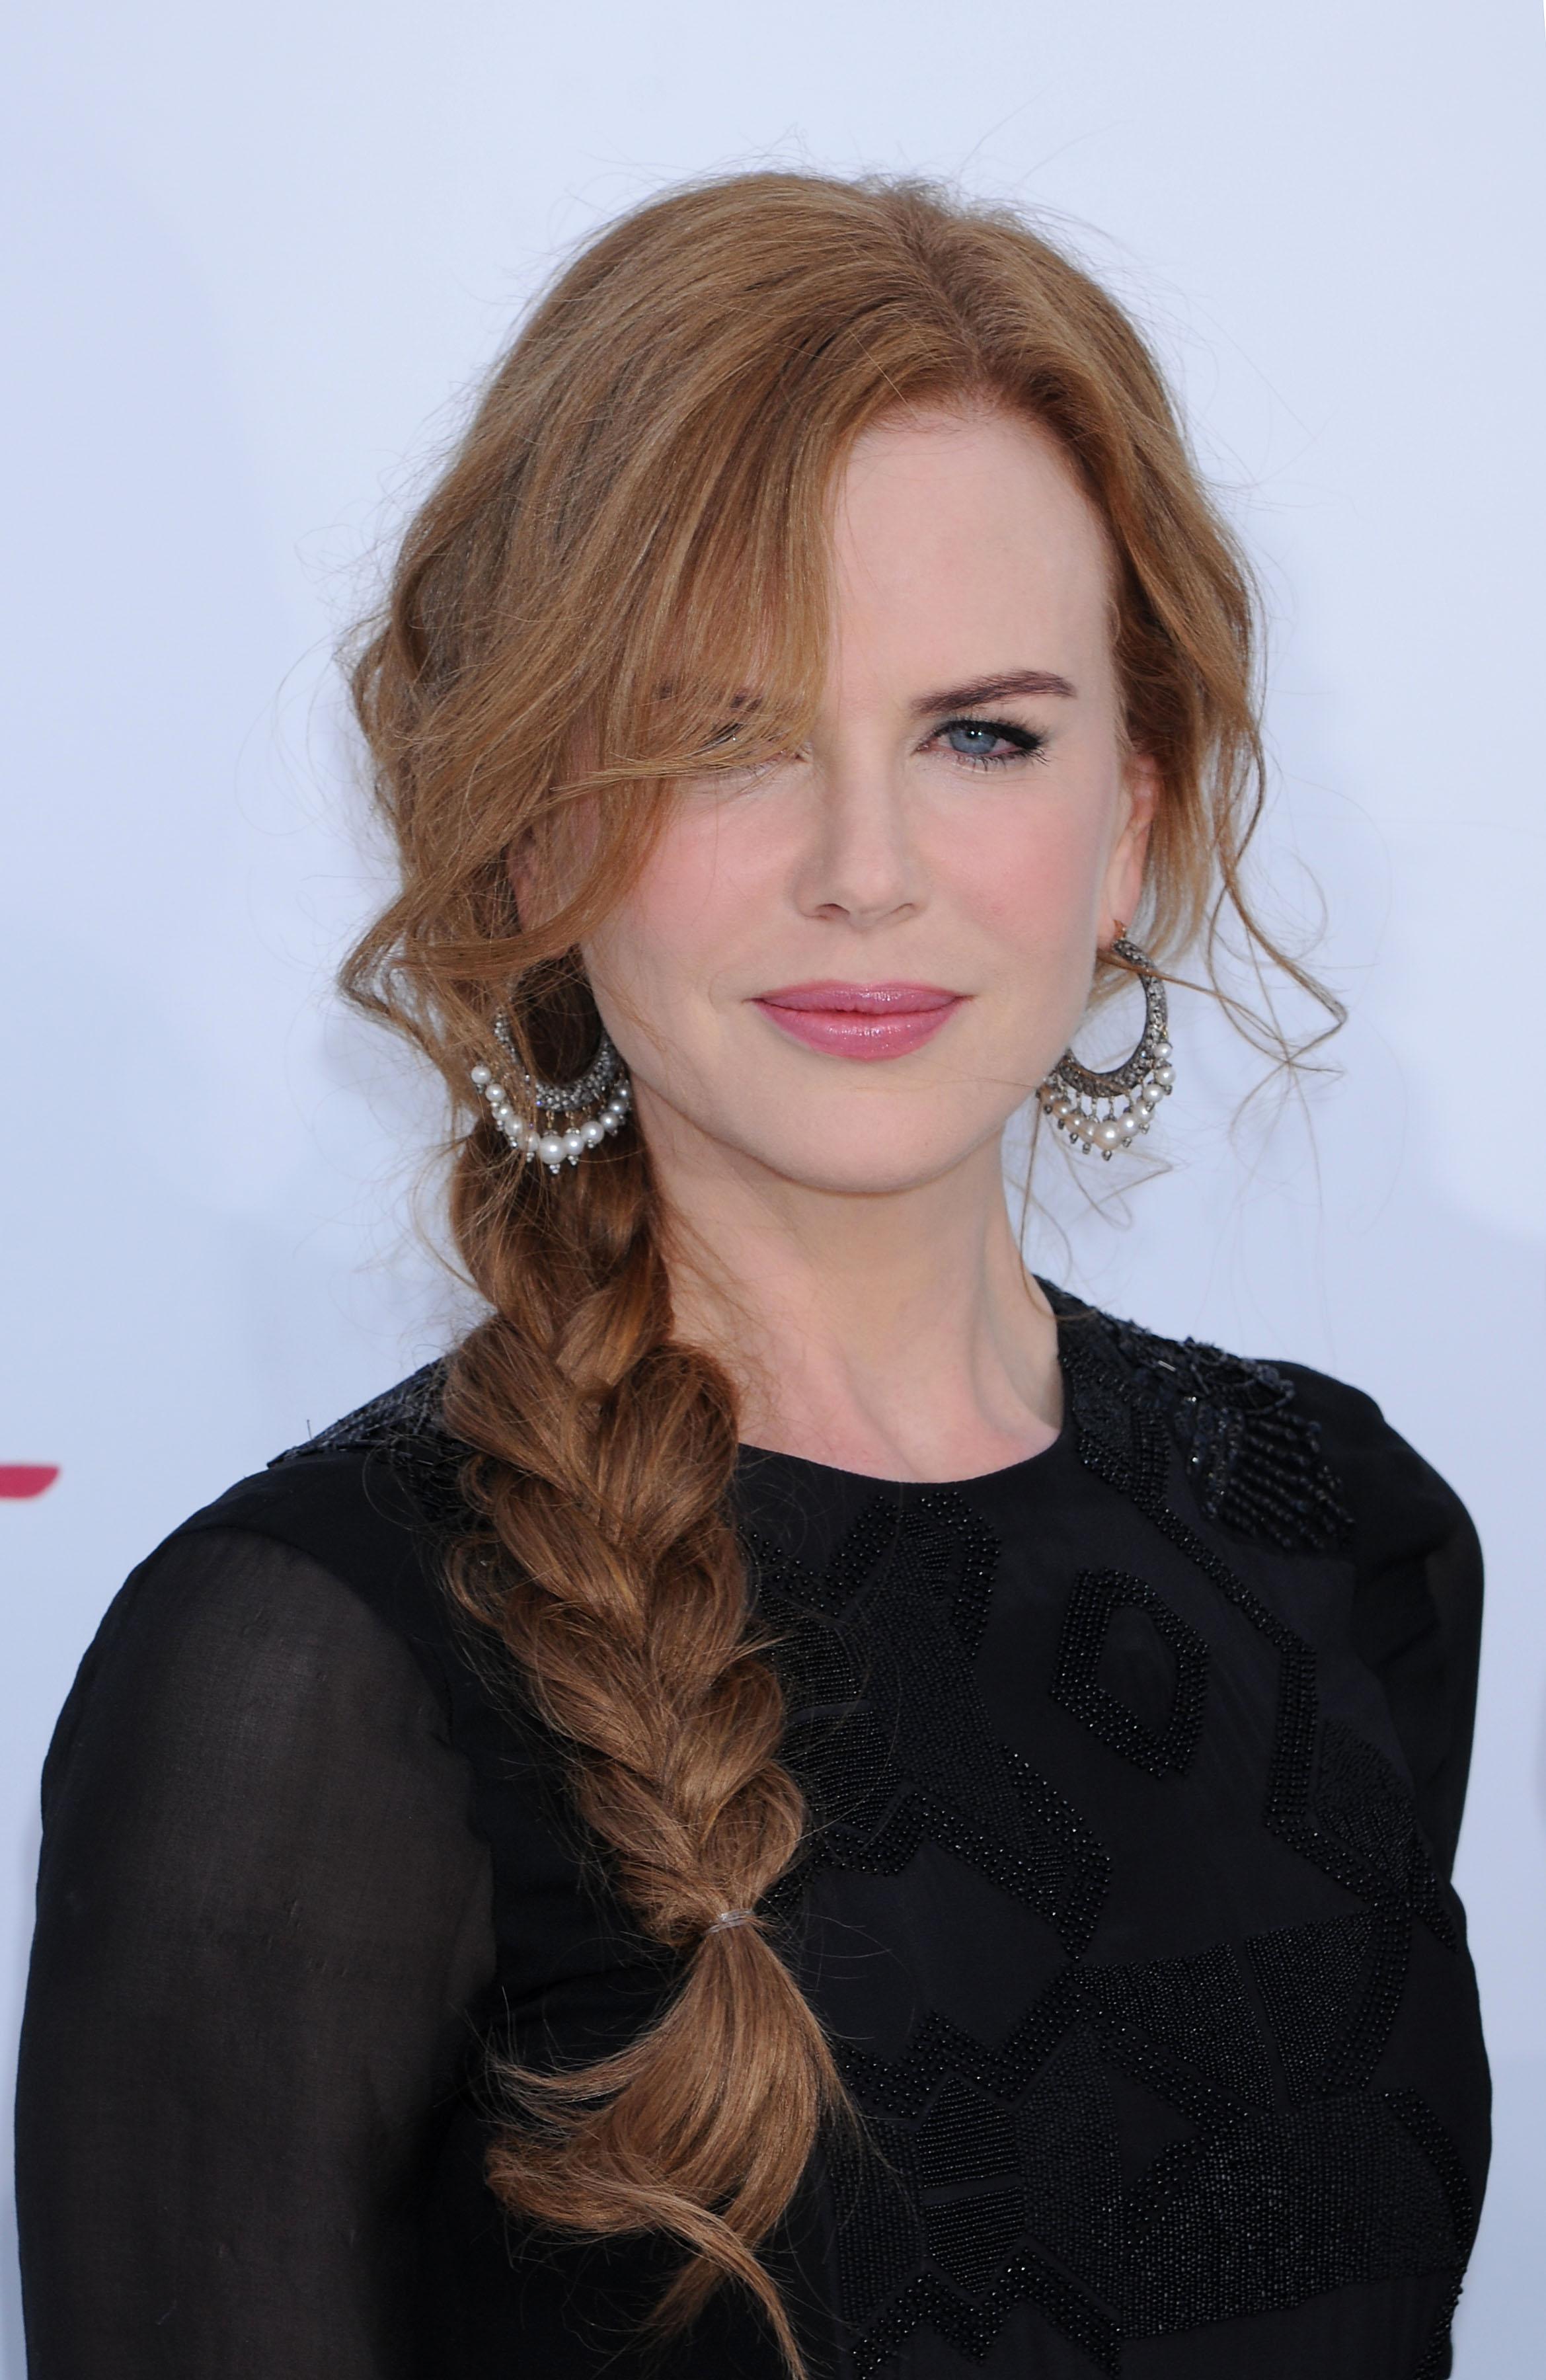 Nicole Kidman - Wallpaper Hot